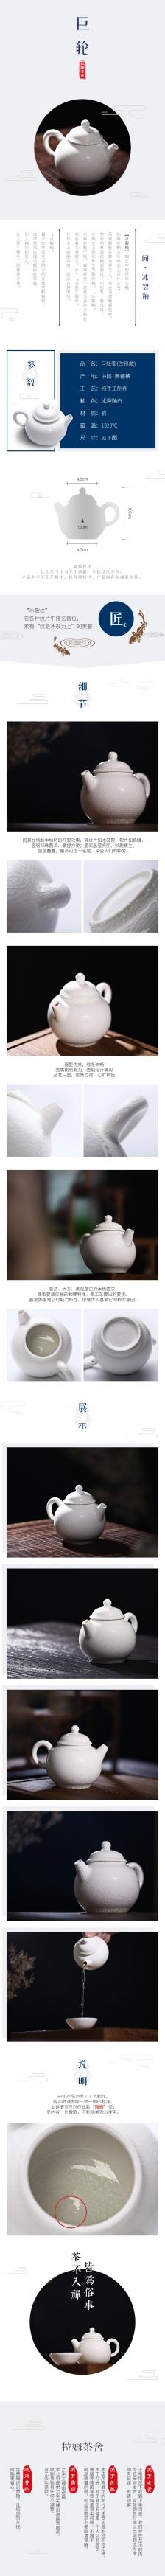 巨轮/淘宝电商/详情页/古风古韵古典古朴/壶茶器茶具/名贵/陶瓷